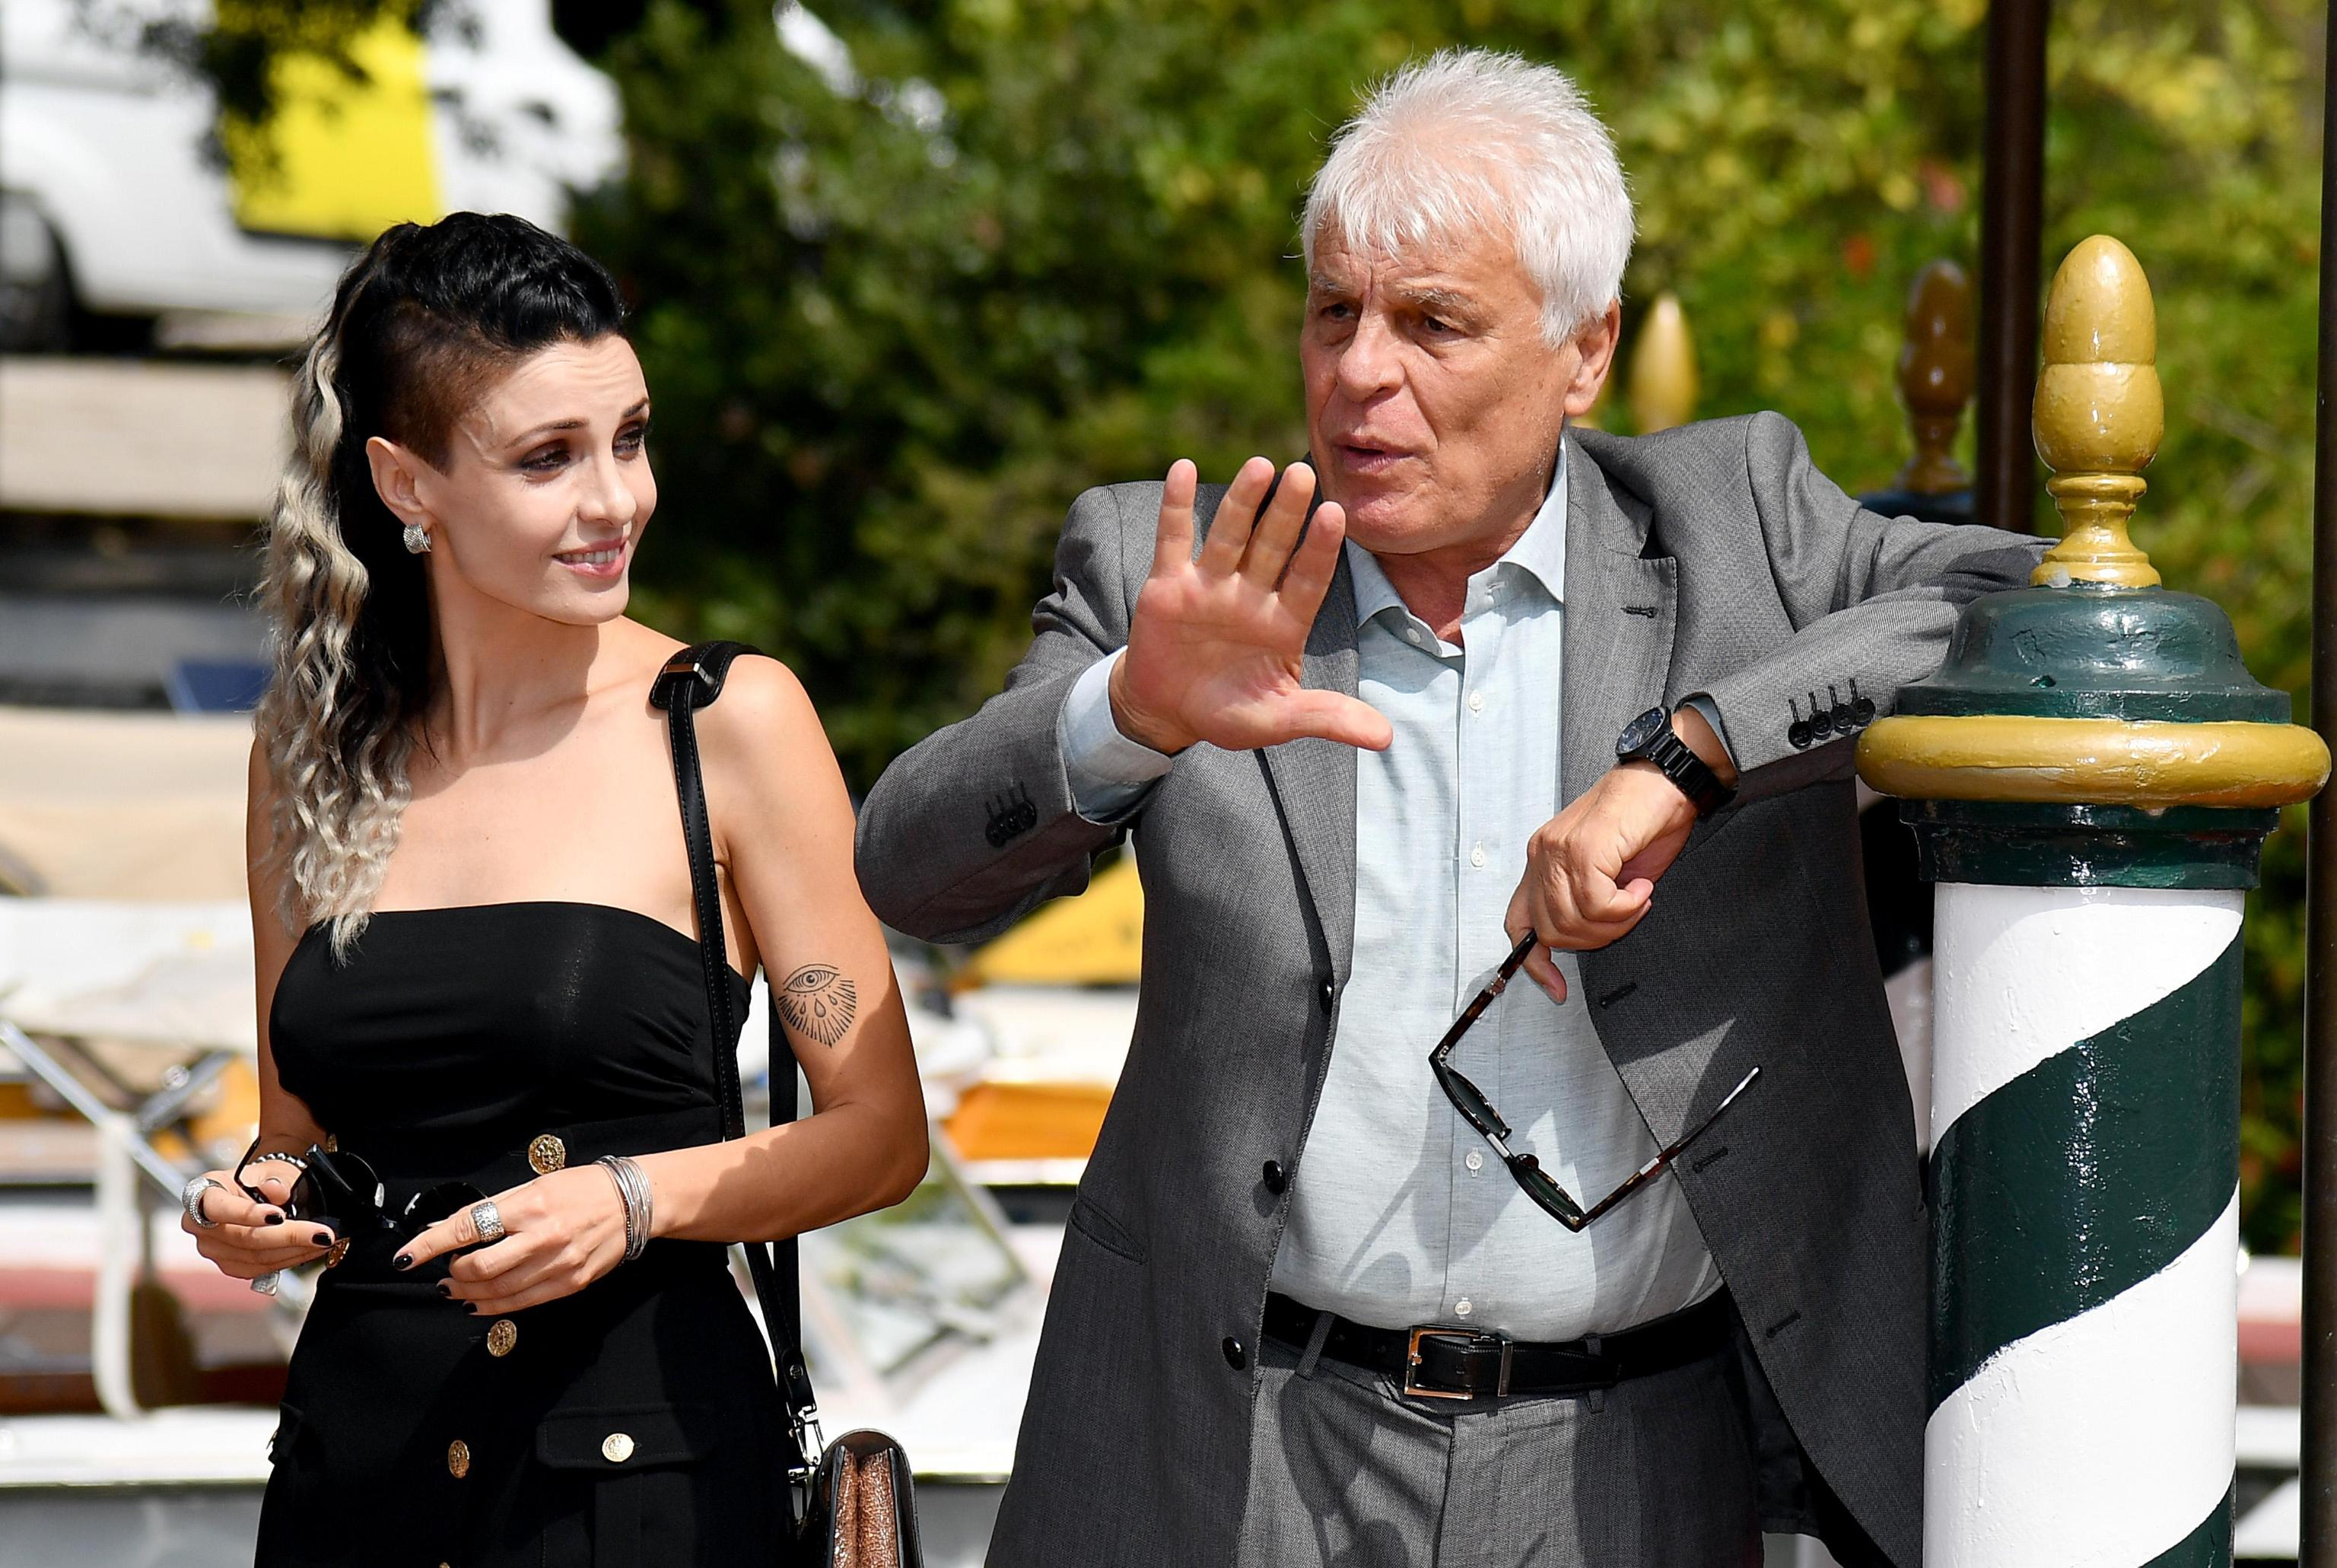 Federica Vincenti e Michele Placido non si stanno separando: 'Intervista trasformata e distorta'